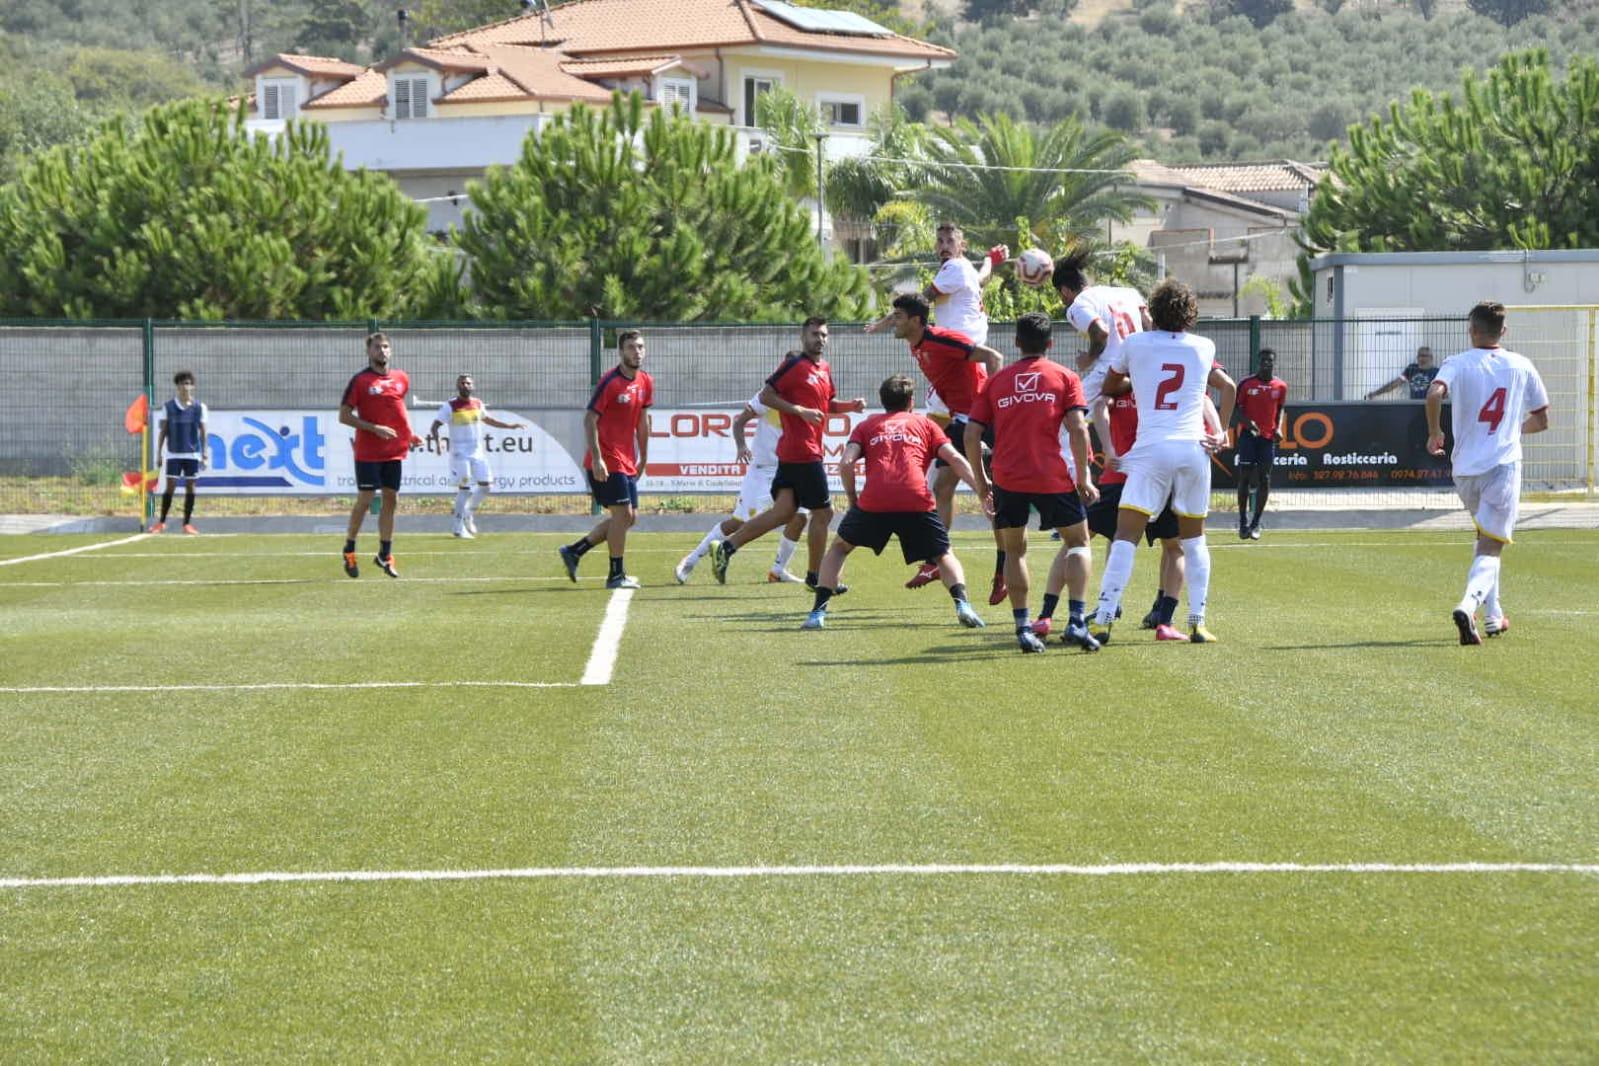 Polisportiva Santa Maria 0-2 Gelbison, la sintesi